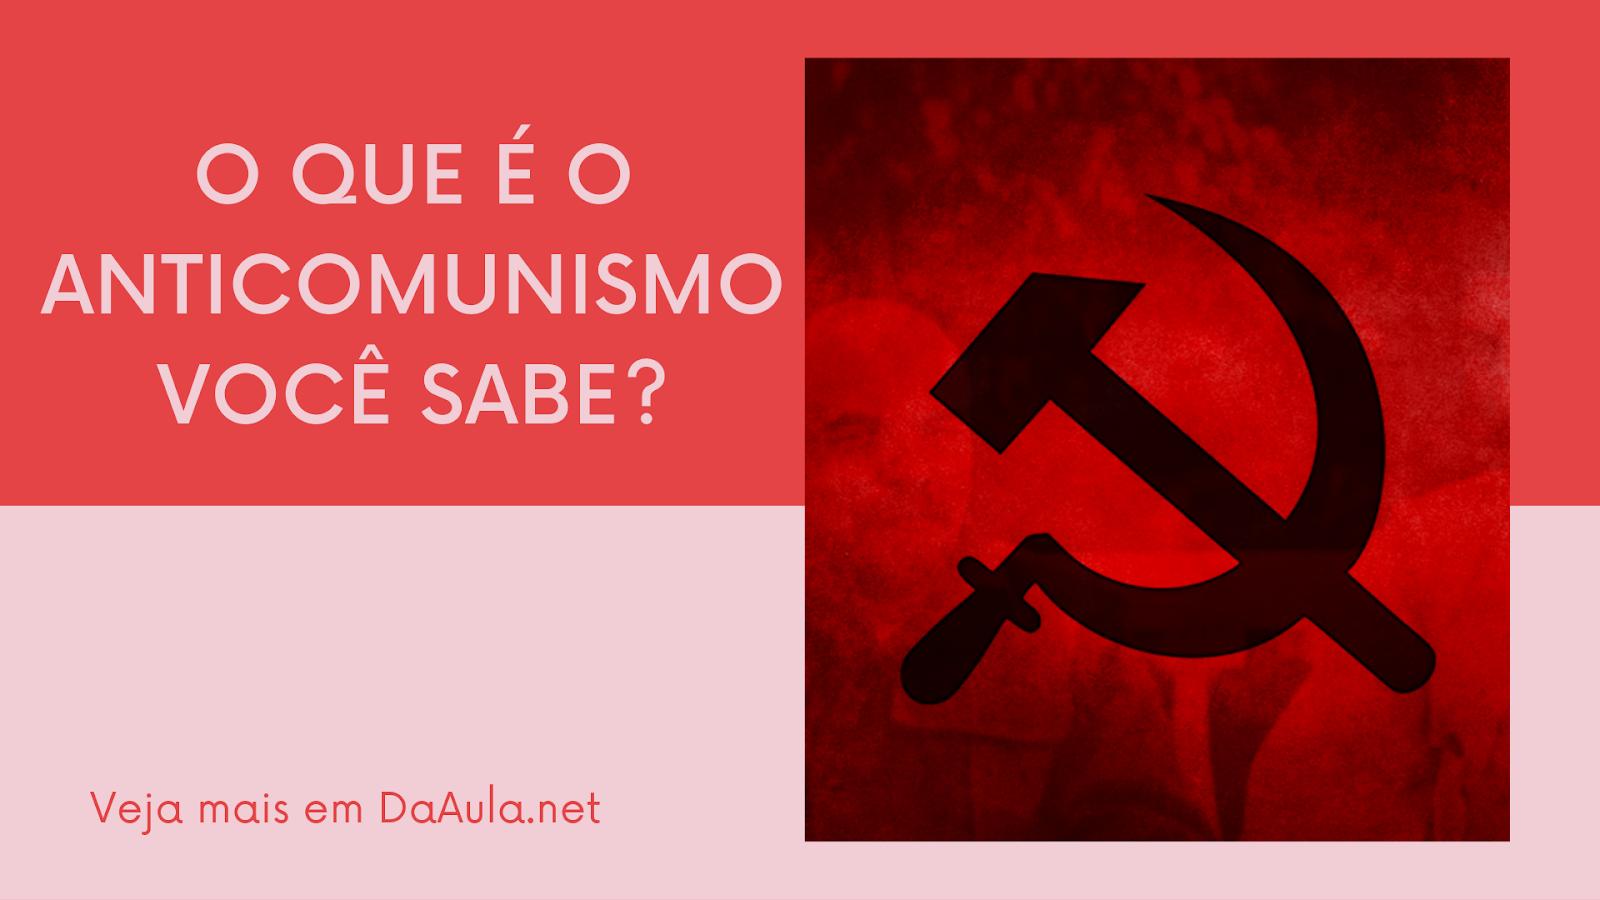 O que é Anticomunismo